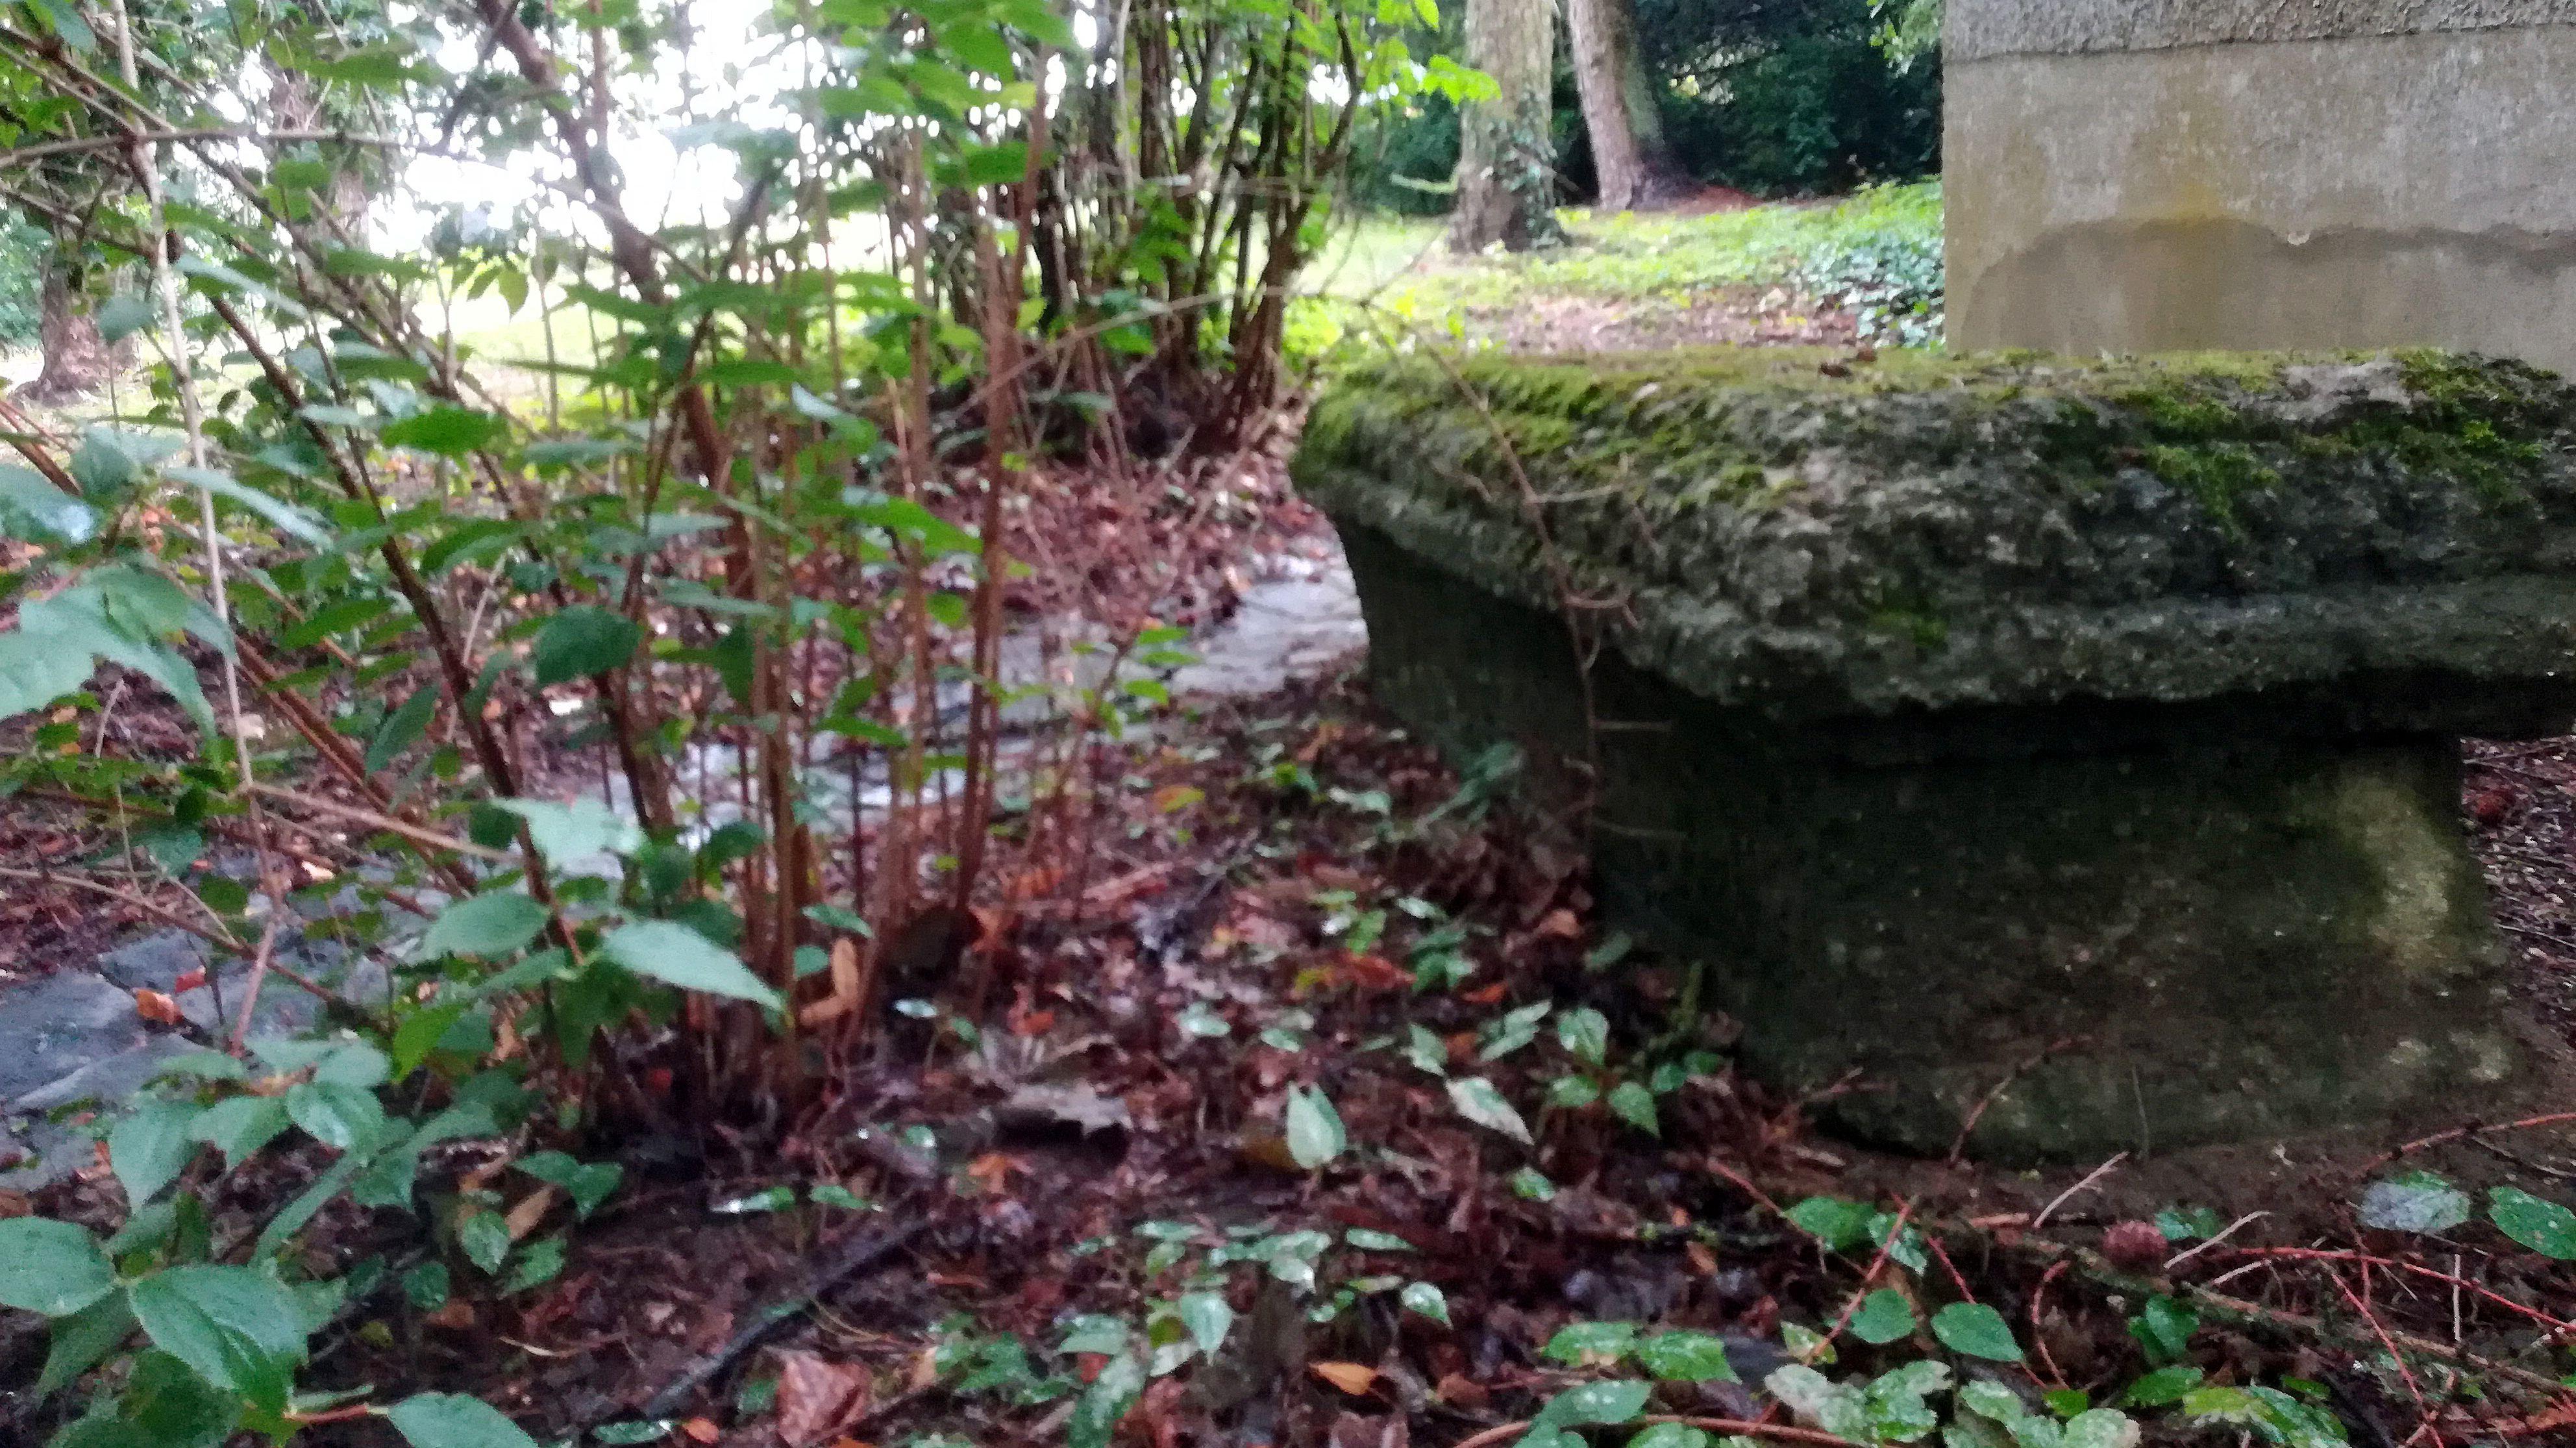 Auf dem Dreifalitigkeitsberg wurden 1809 die gefallenen, österreichischen Soldaten bestattet. Dieser Stein markiert die Grablege.